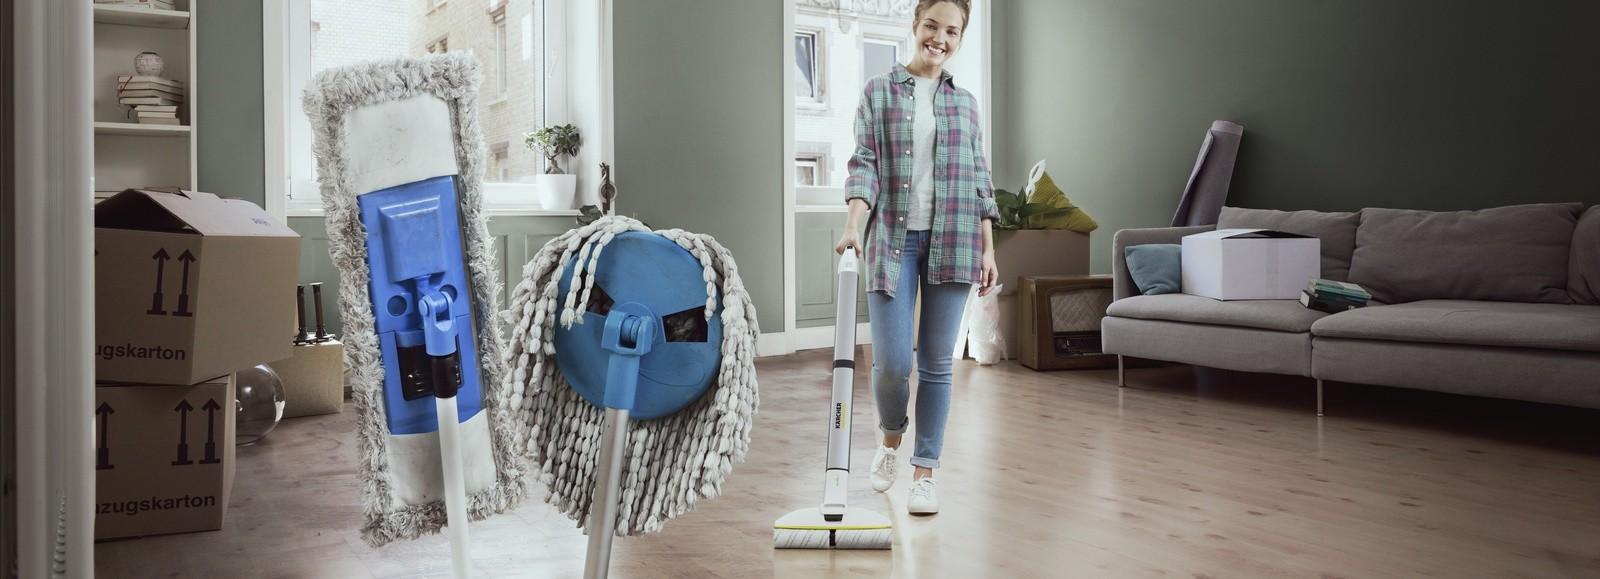 Новый аккумуляторный аппарат для влажной уборки пола от Kärcher Швабра 21 века